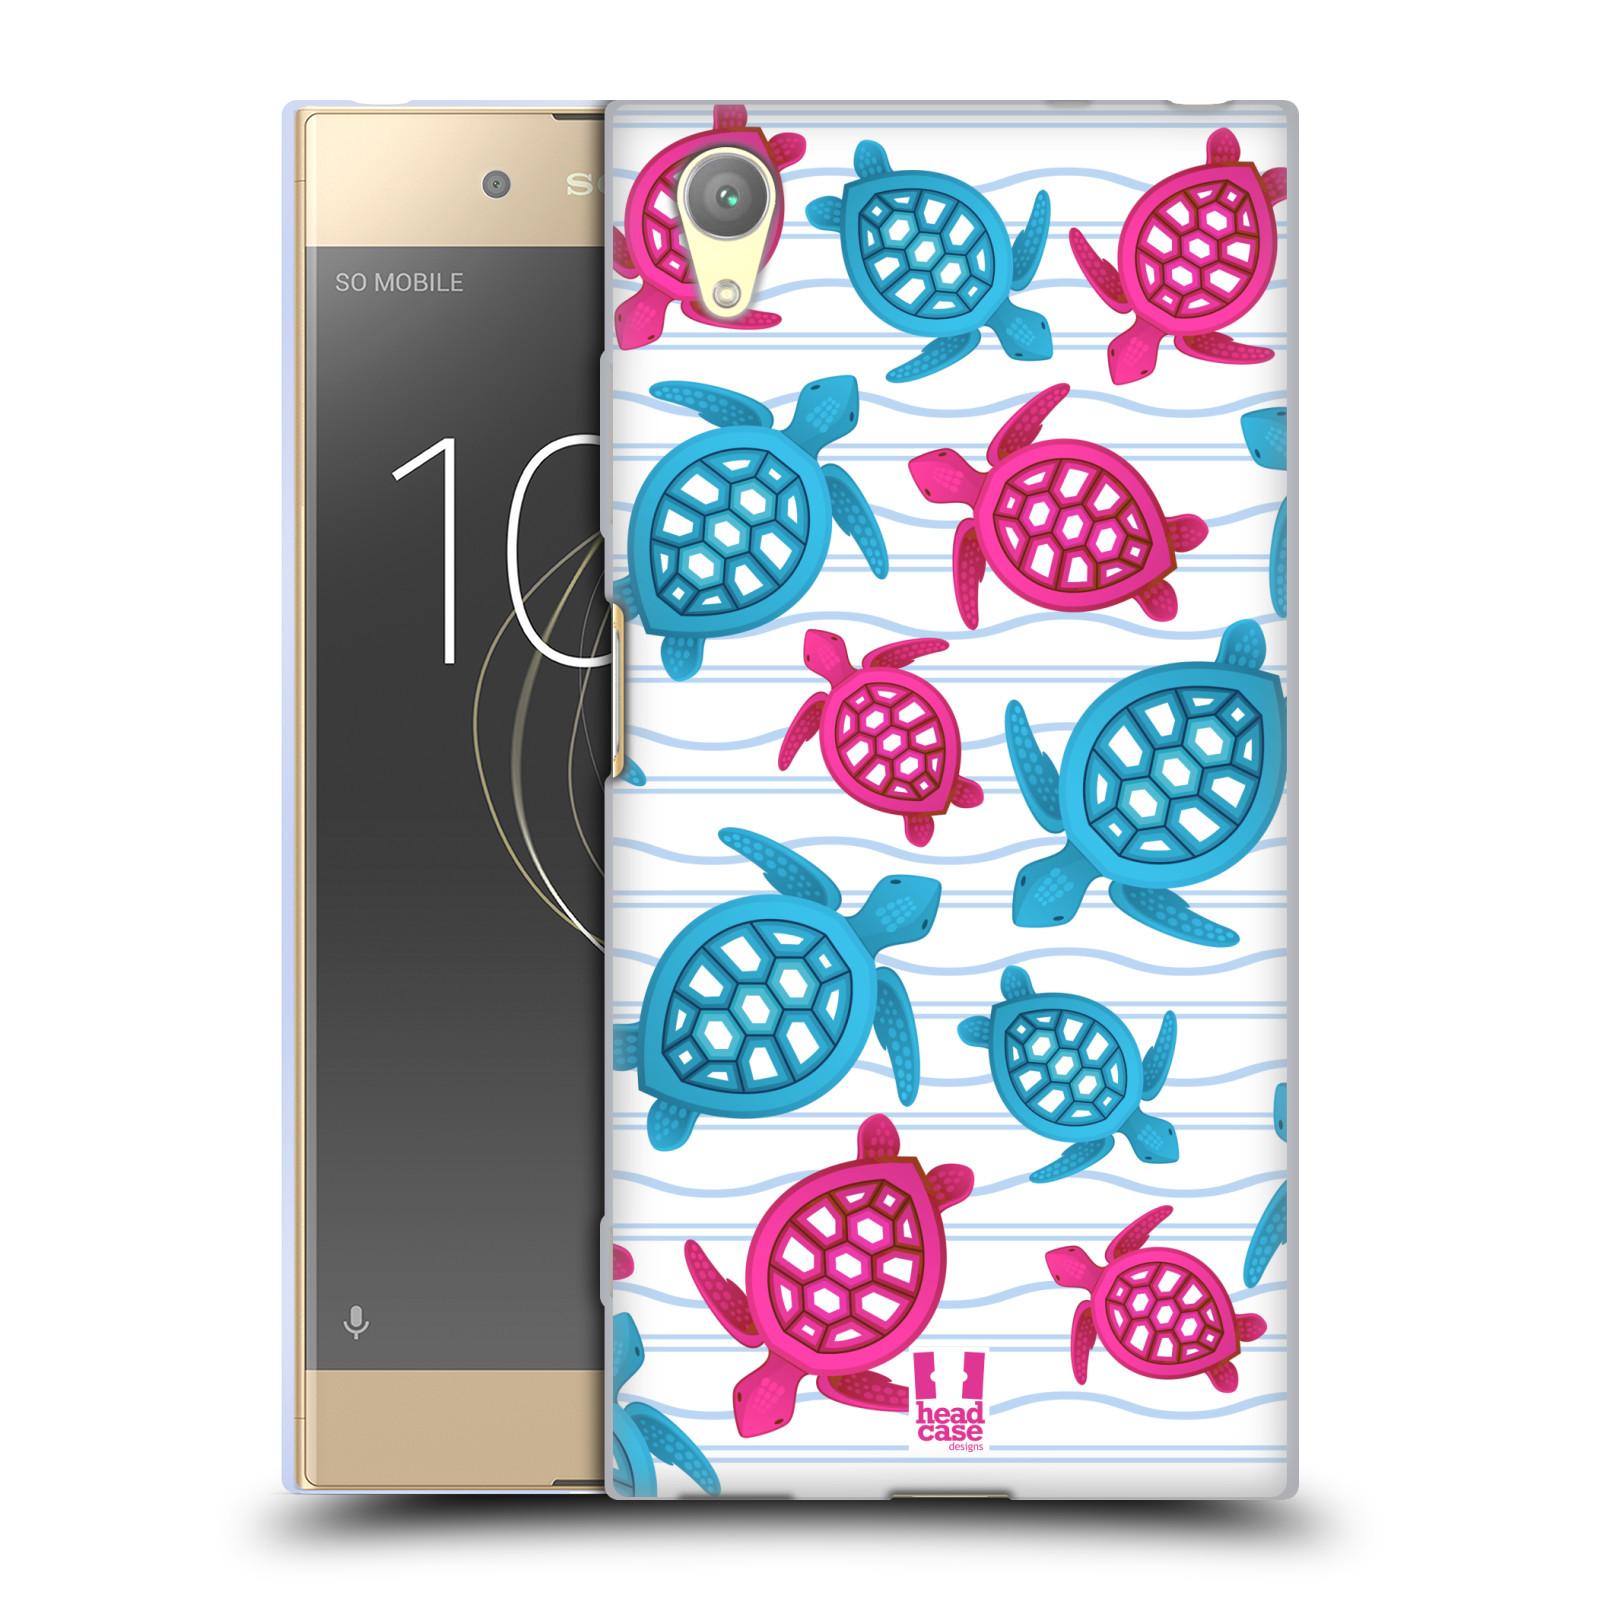 HEAD CASE silikonový obal na mobil Sony Xperia XA1 PLUS vzor mořský živočich želva modrá a růžová